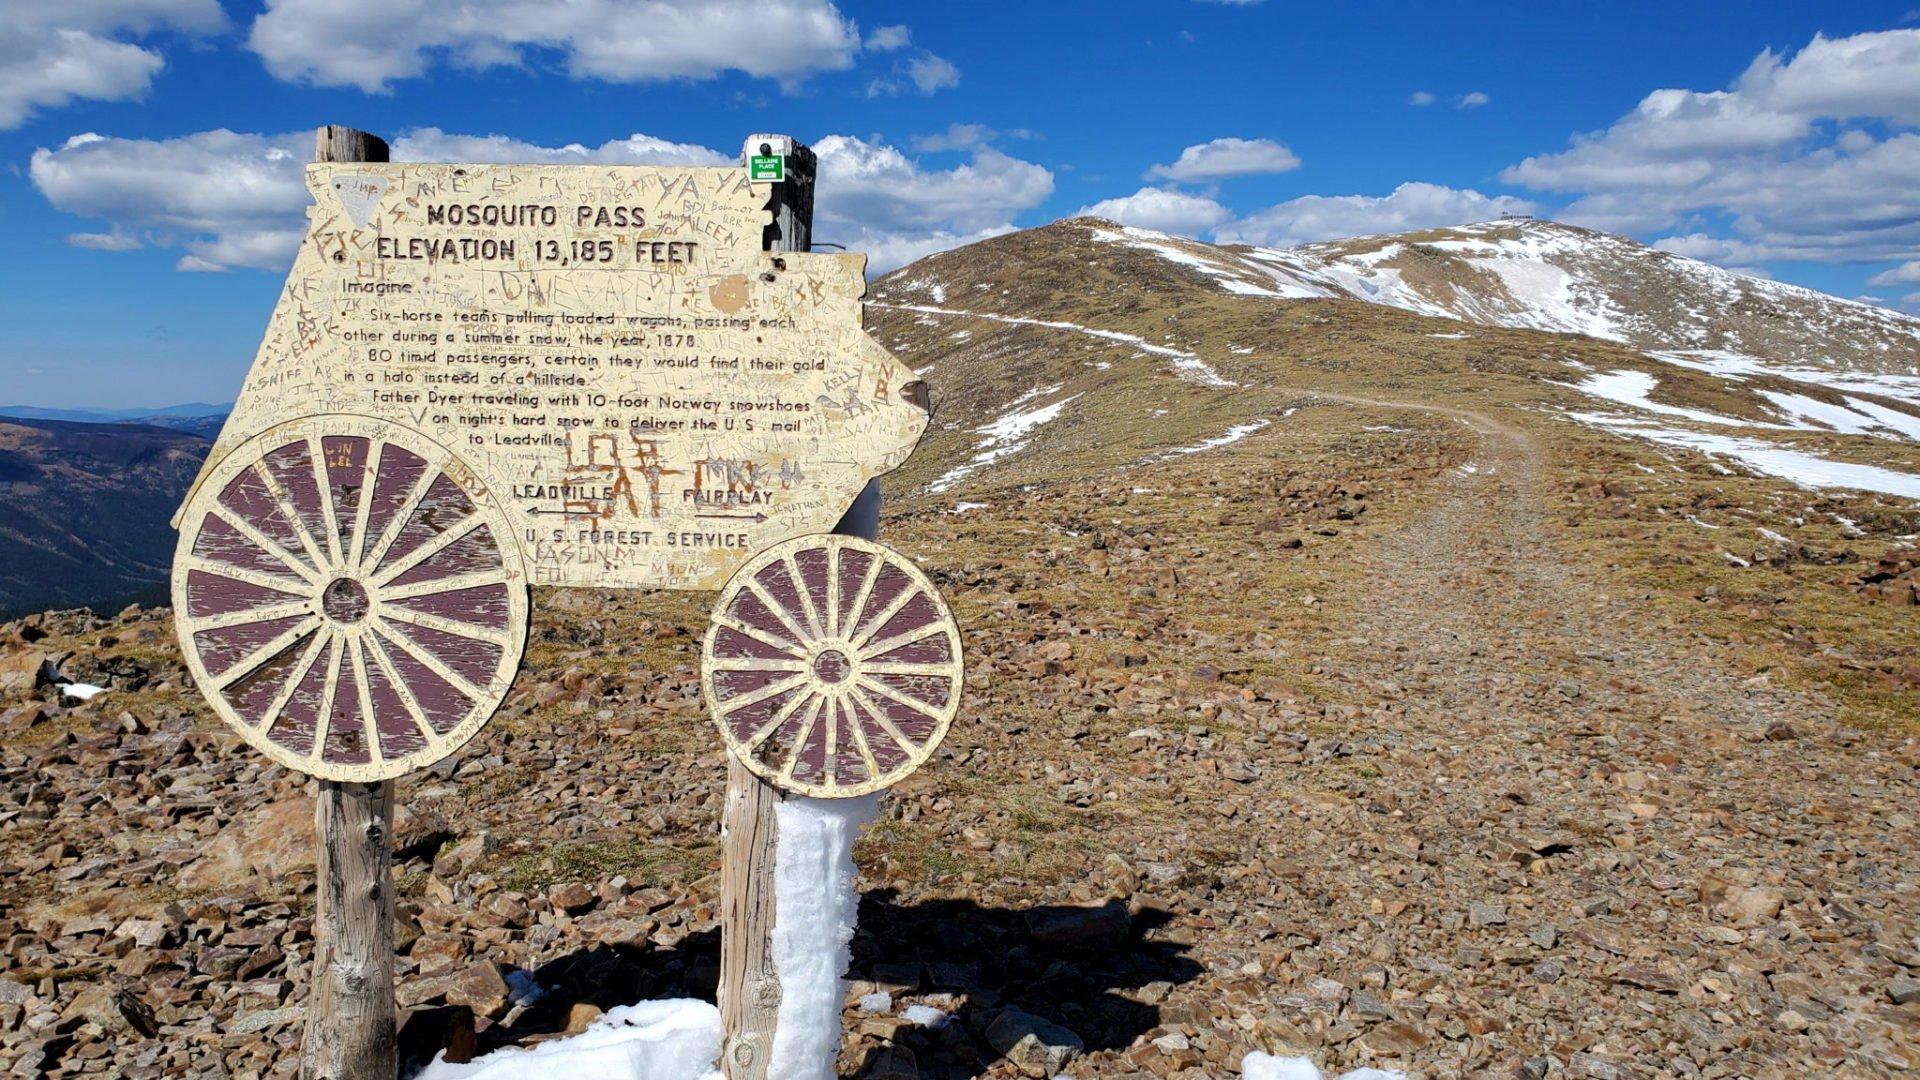 Summit of Mosquito Pass 13,185'